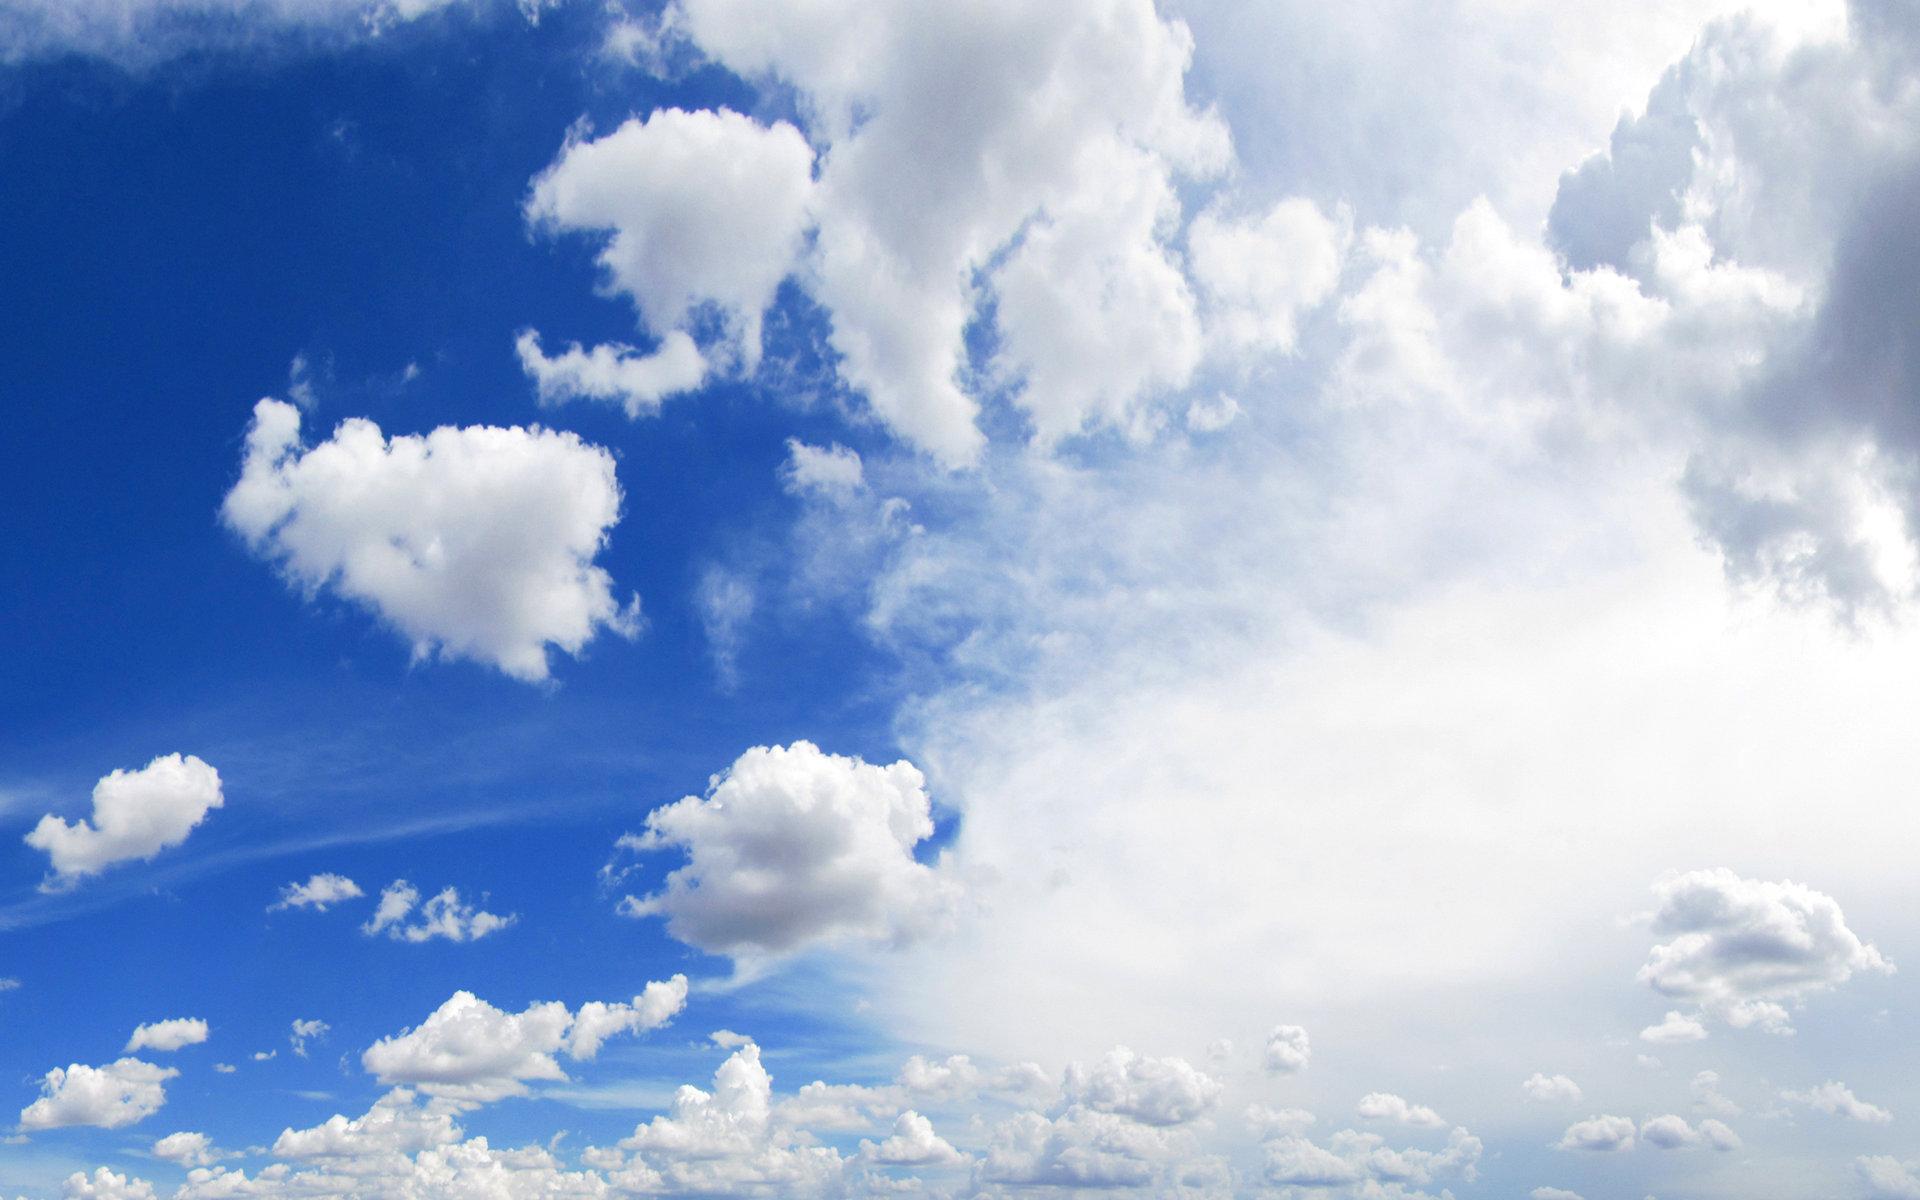 облака, небо, скачать фото, для рабочего стола, sky wallpaper